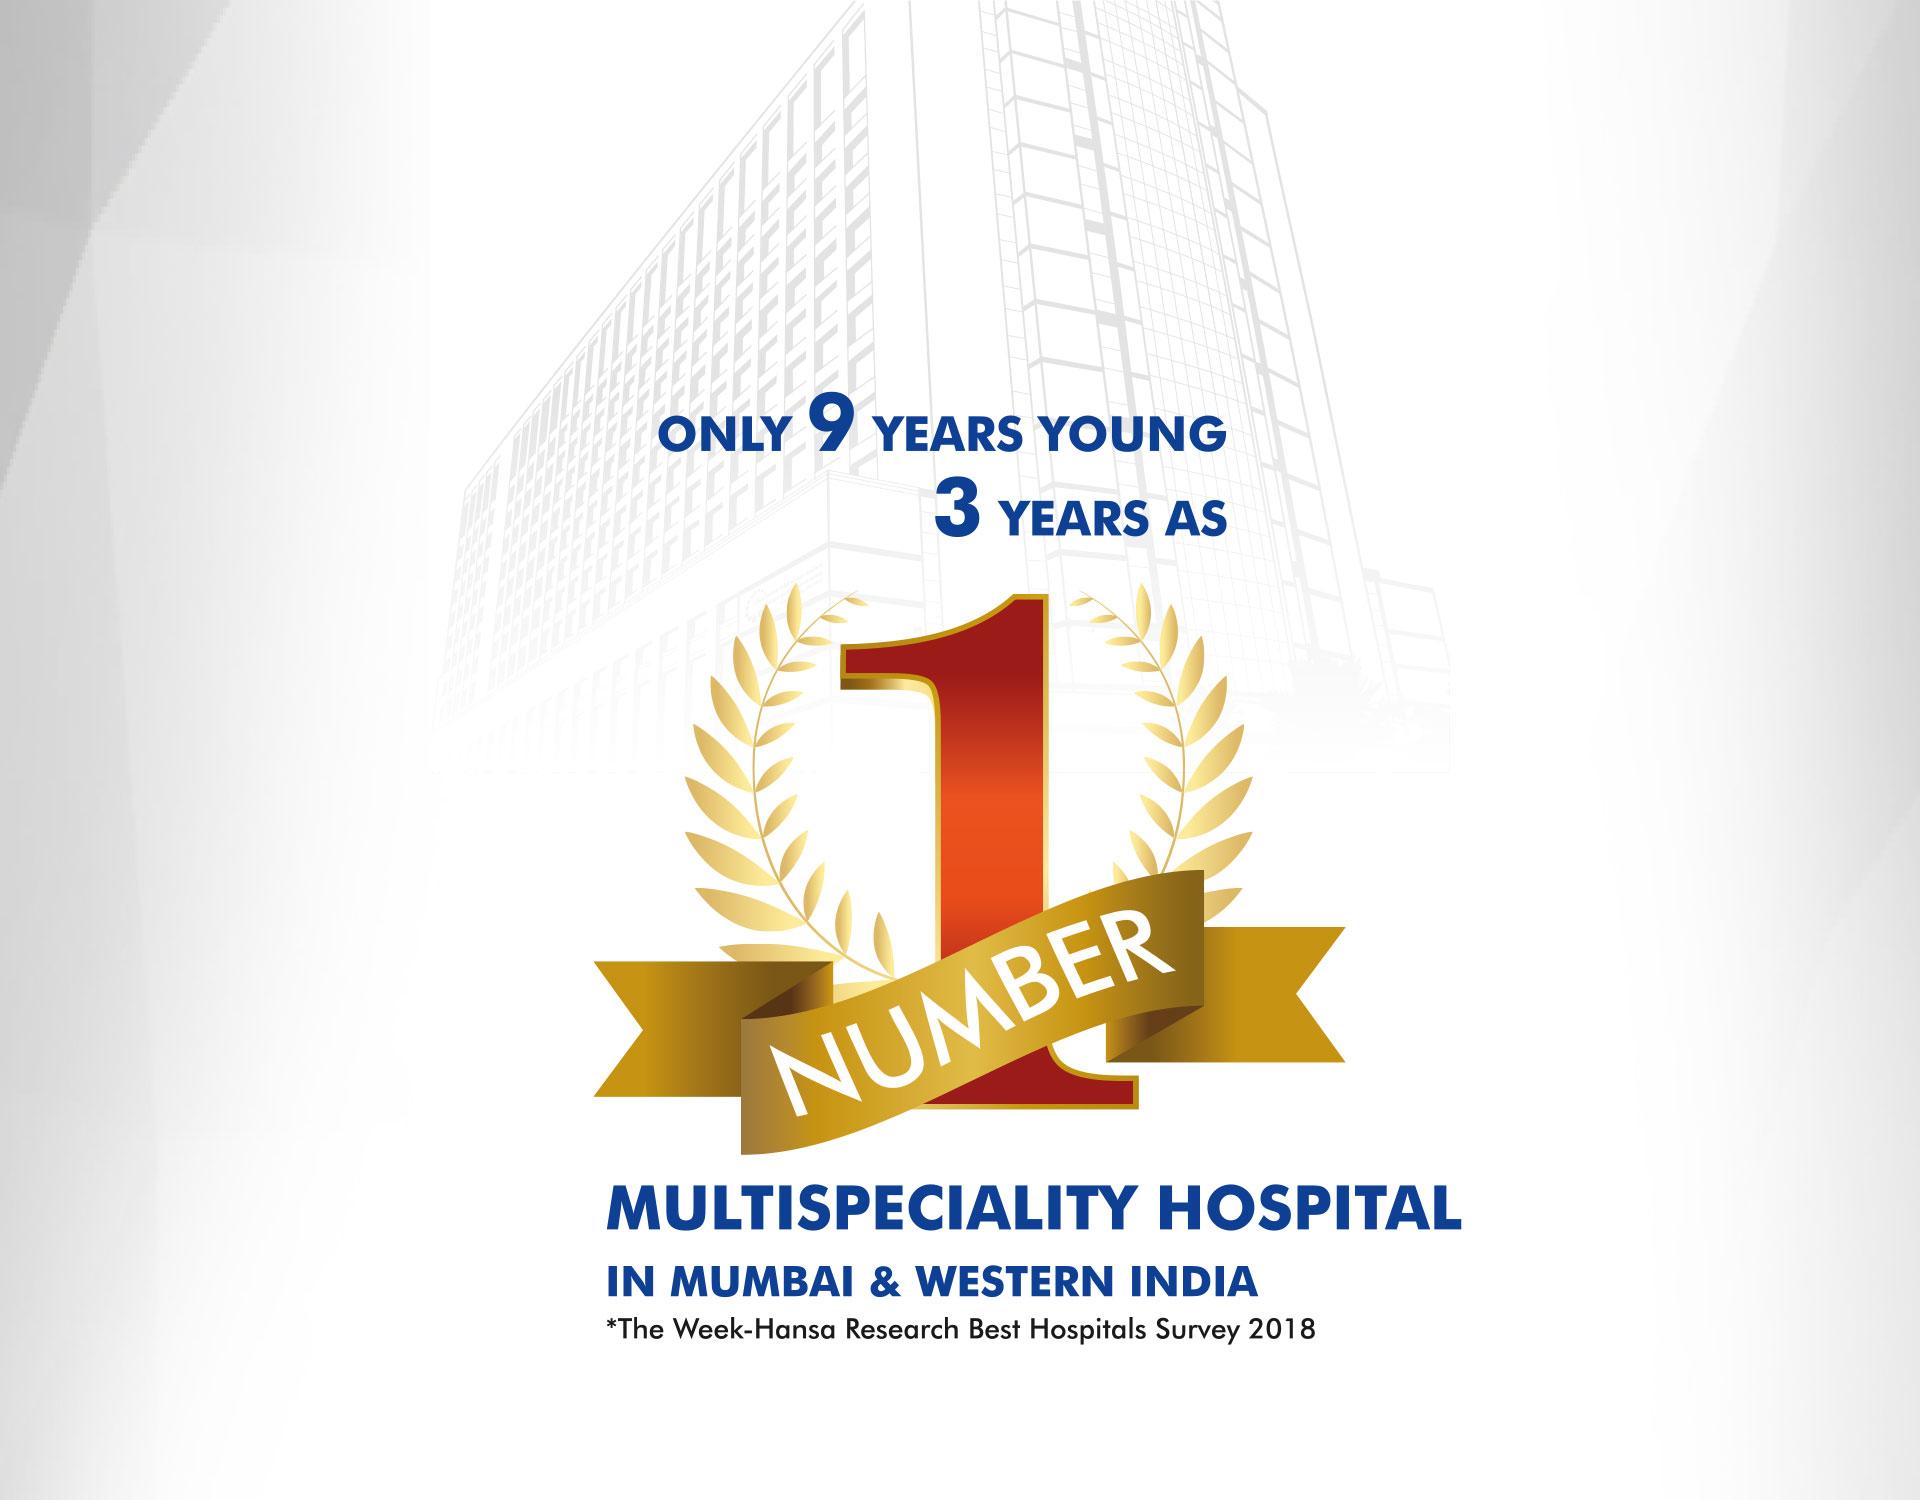 Kokilaben Dhirubhai Ambani Hospital - Multispeciality Hospital In Mumbai & Western India